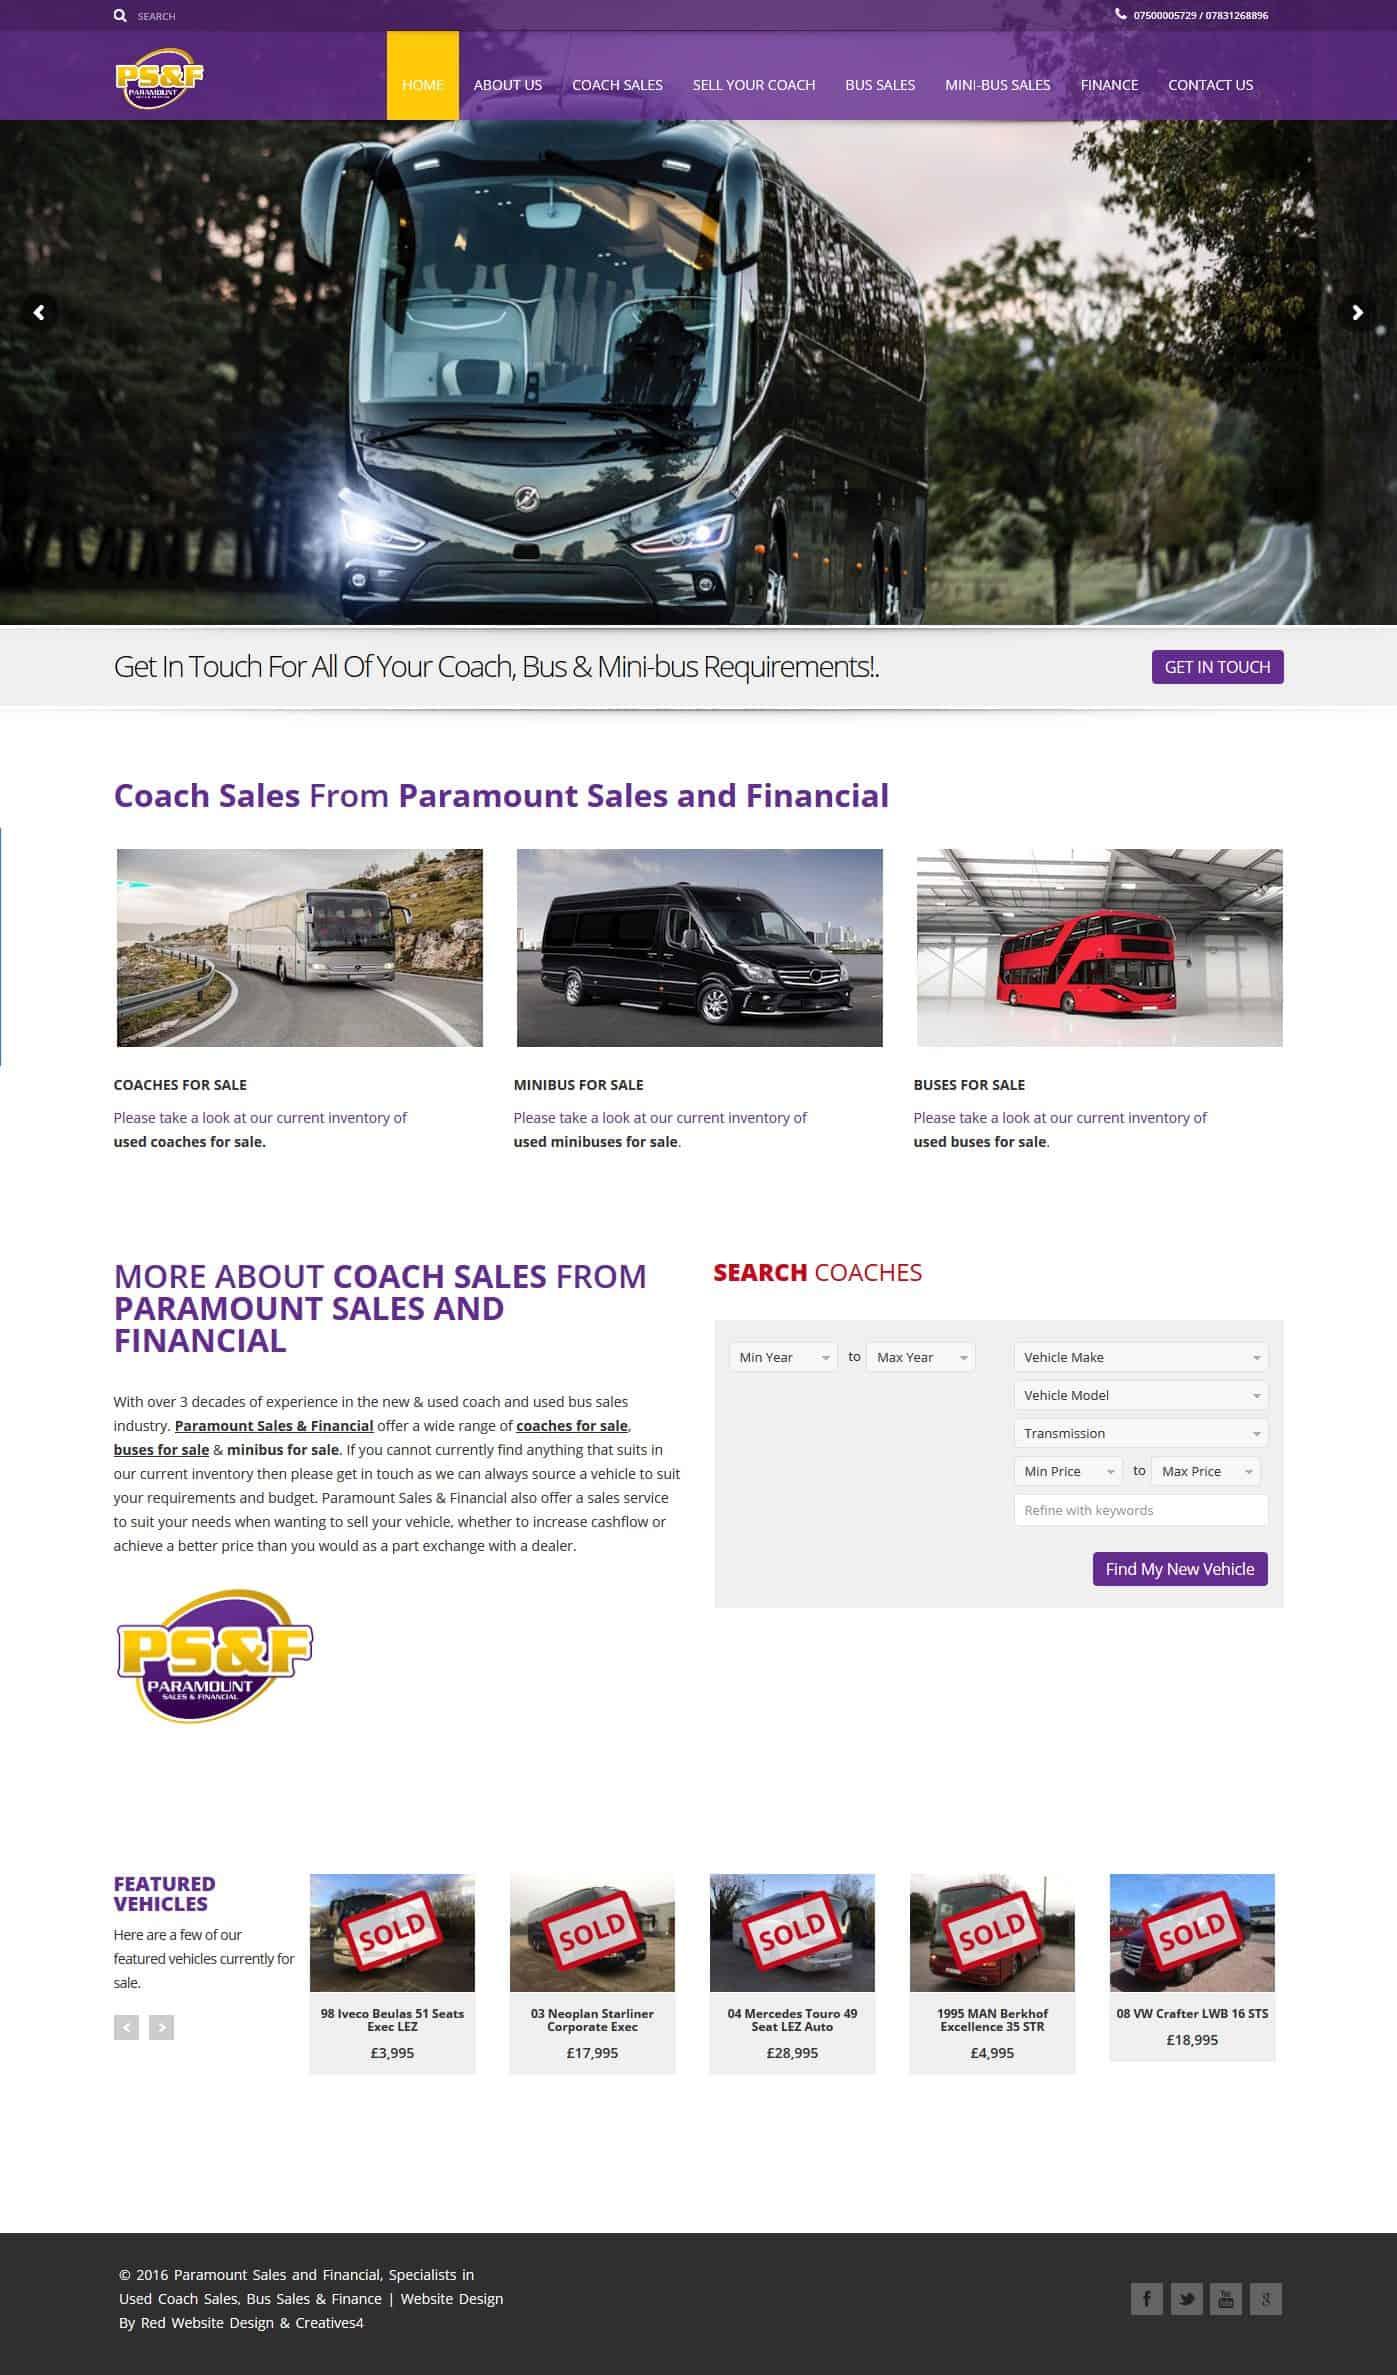 Web Design Corby